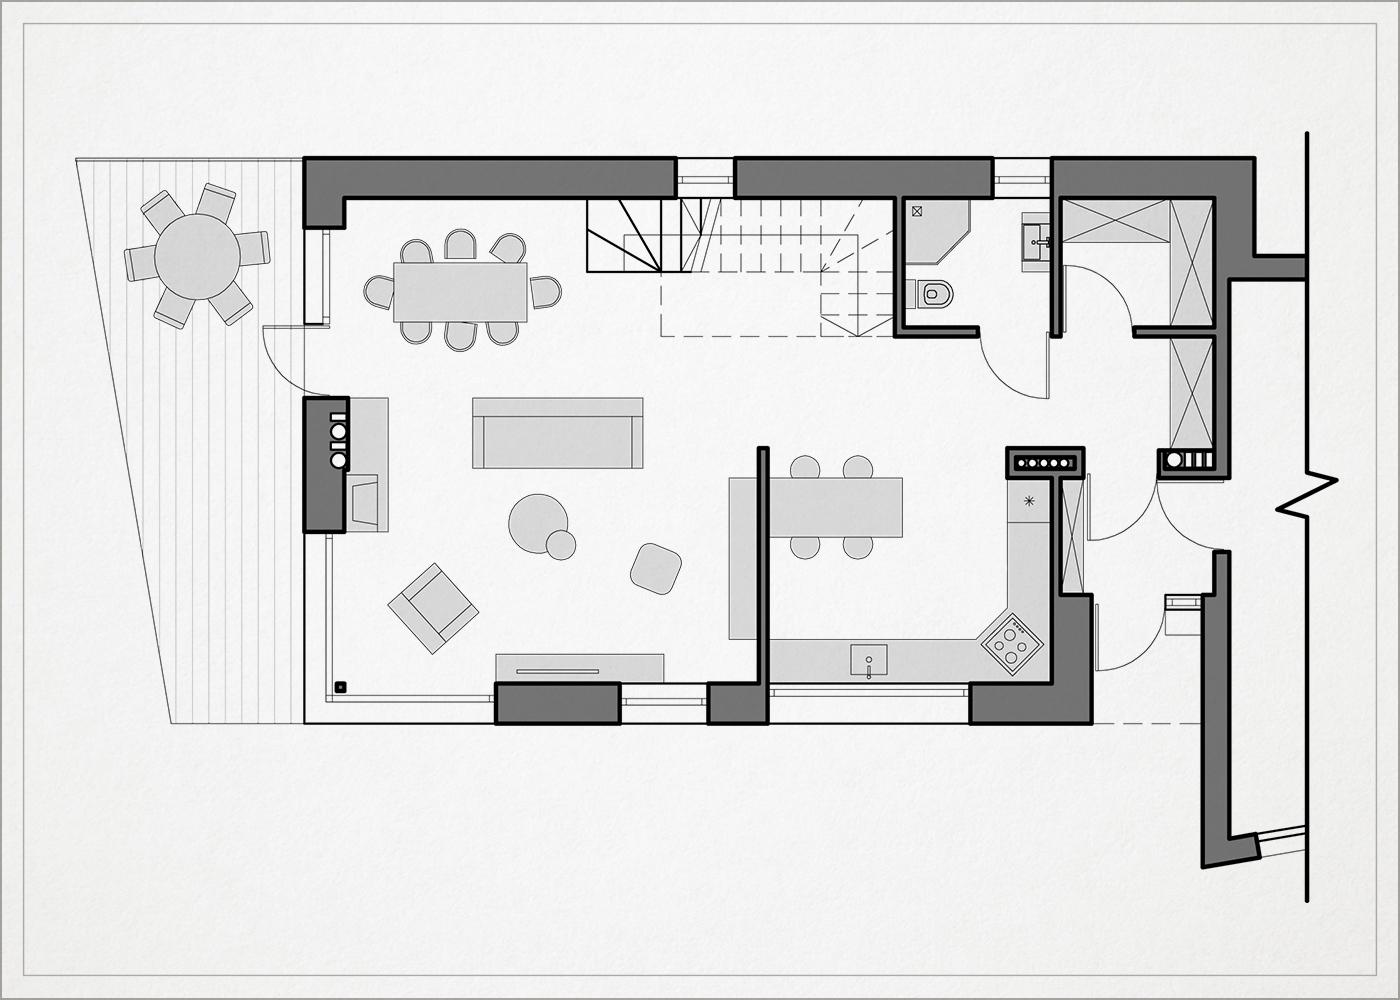 1 auksto architekturinis planas - namas pavilnyje